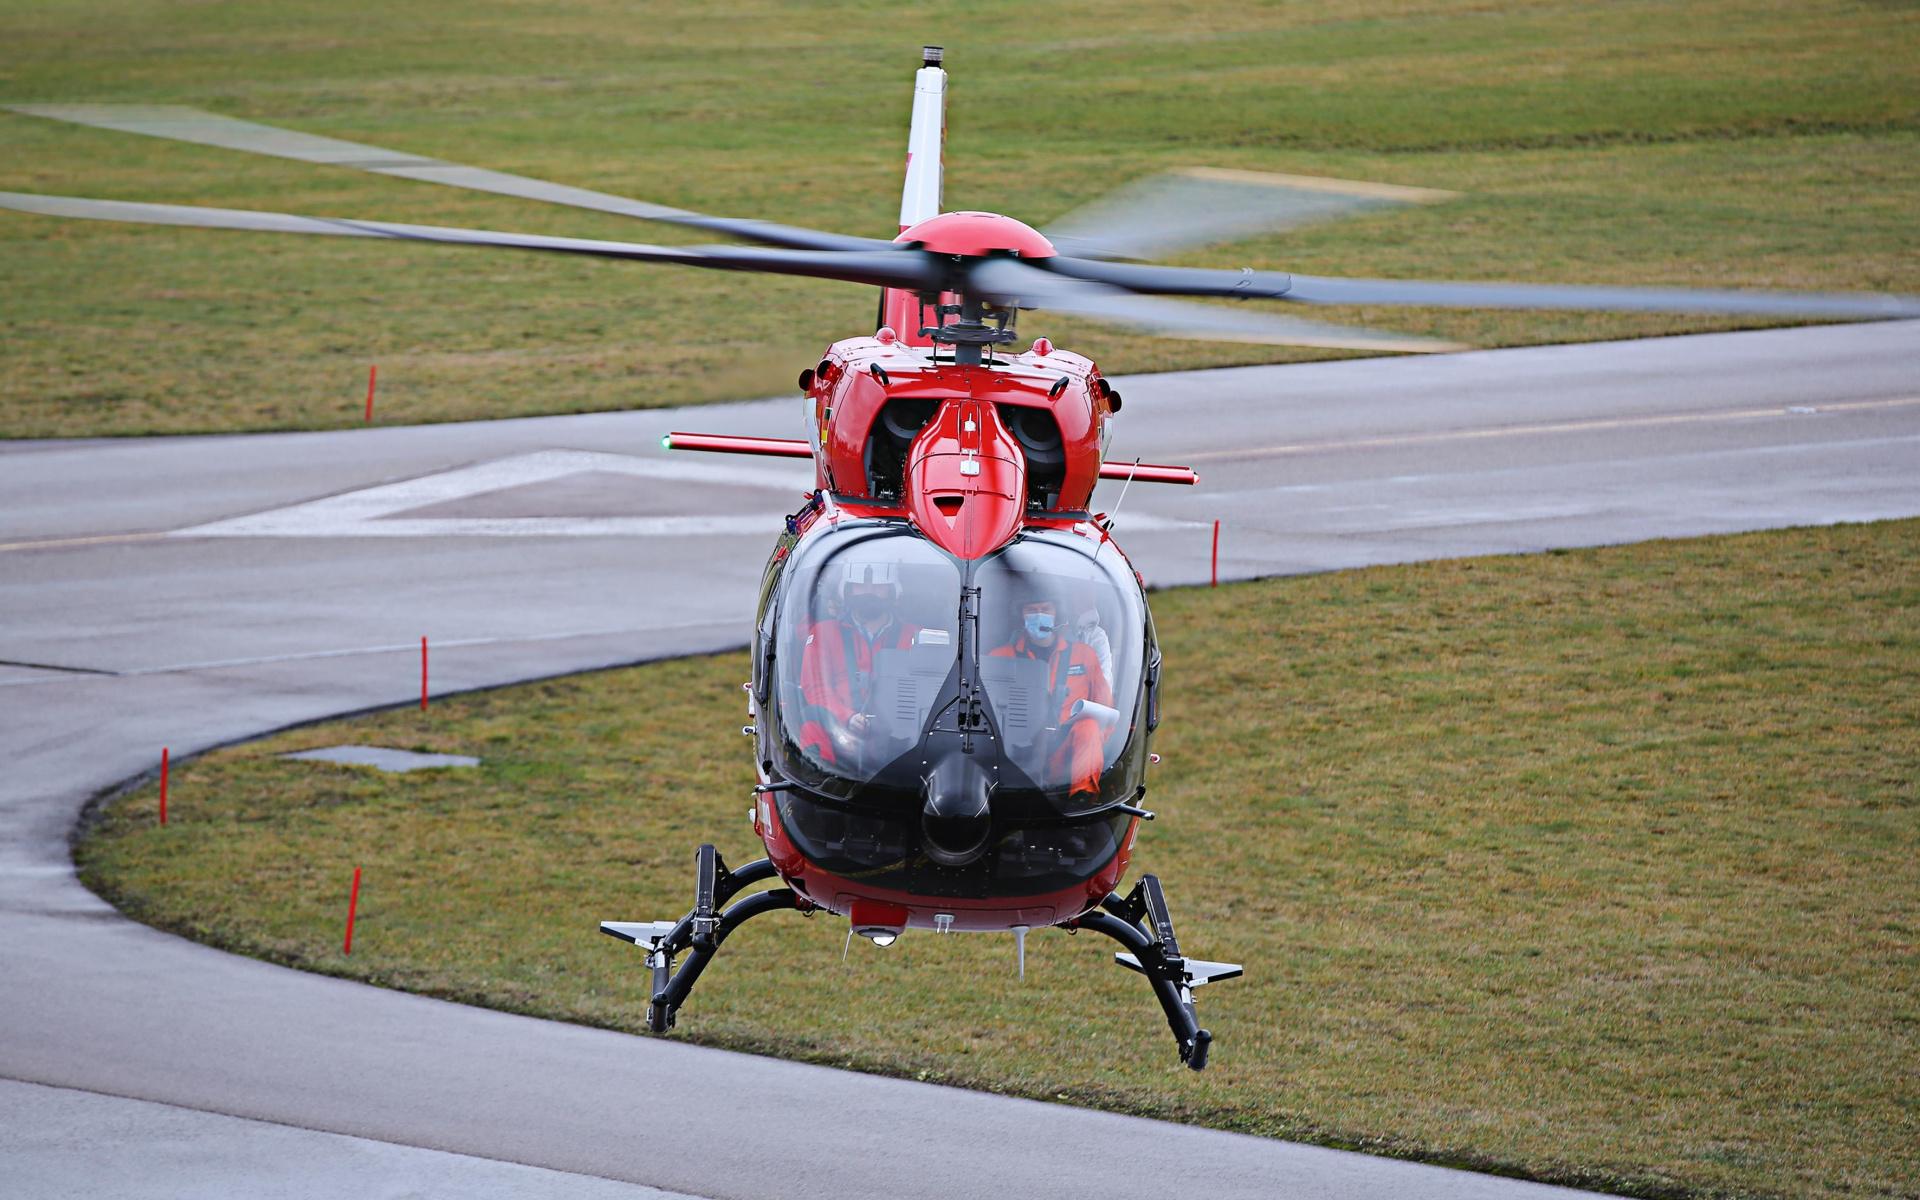 Von dort startete die Maschine im Anschluss erstmals in den Himmel ... (Quelle: Airbus Helicopters)